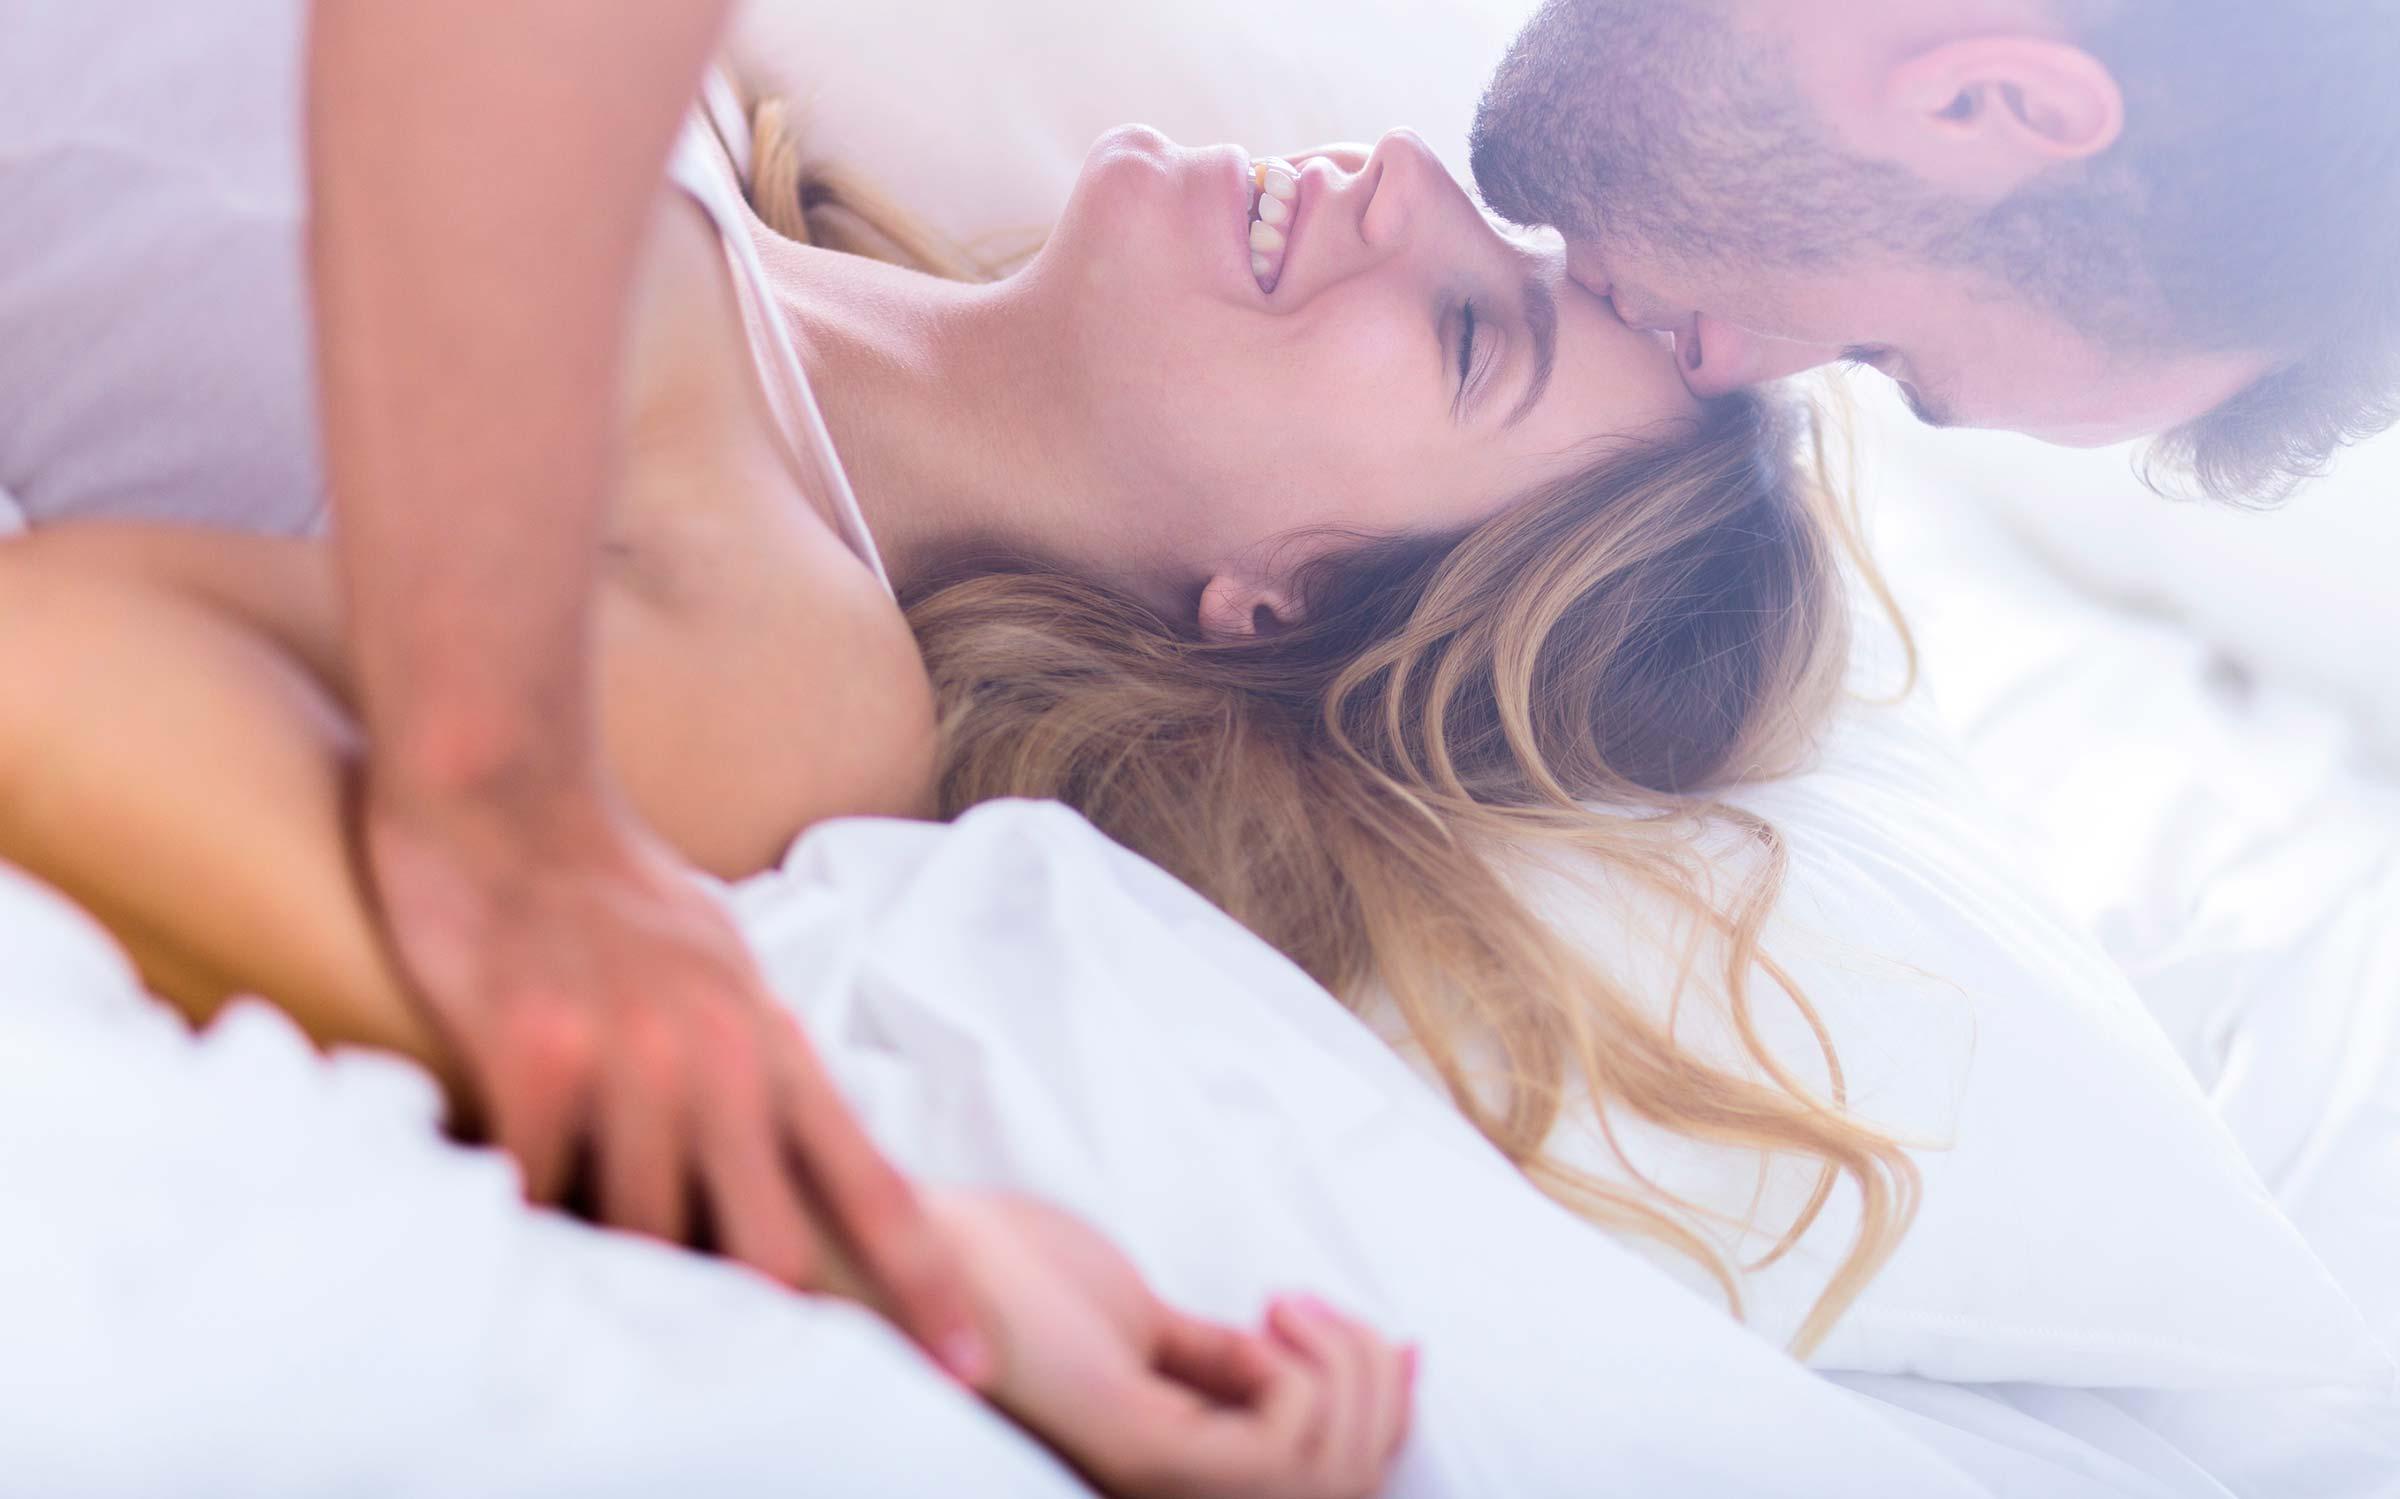 8 choses que vous devriez toujours faire avant d'avoir des rapports sexuels